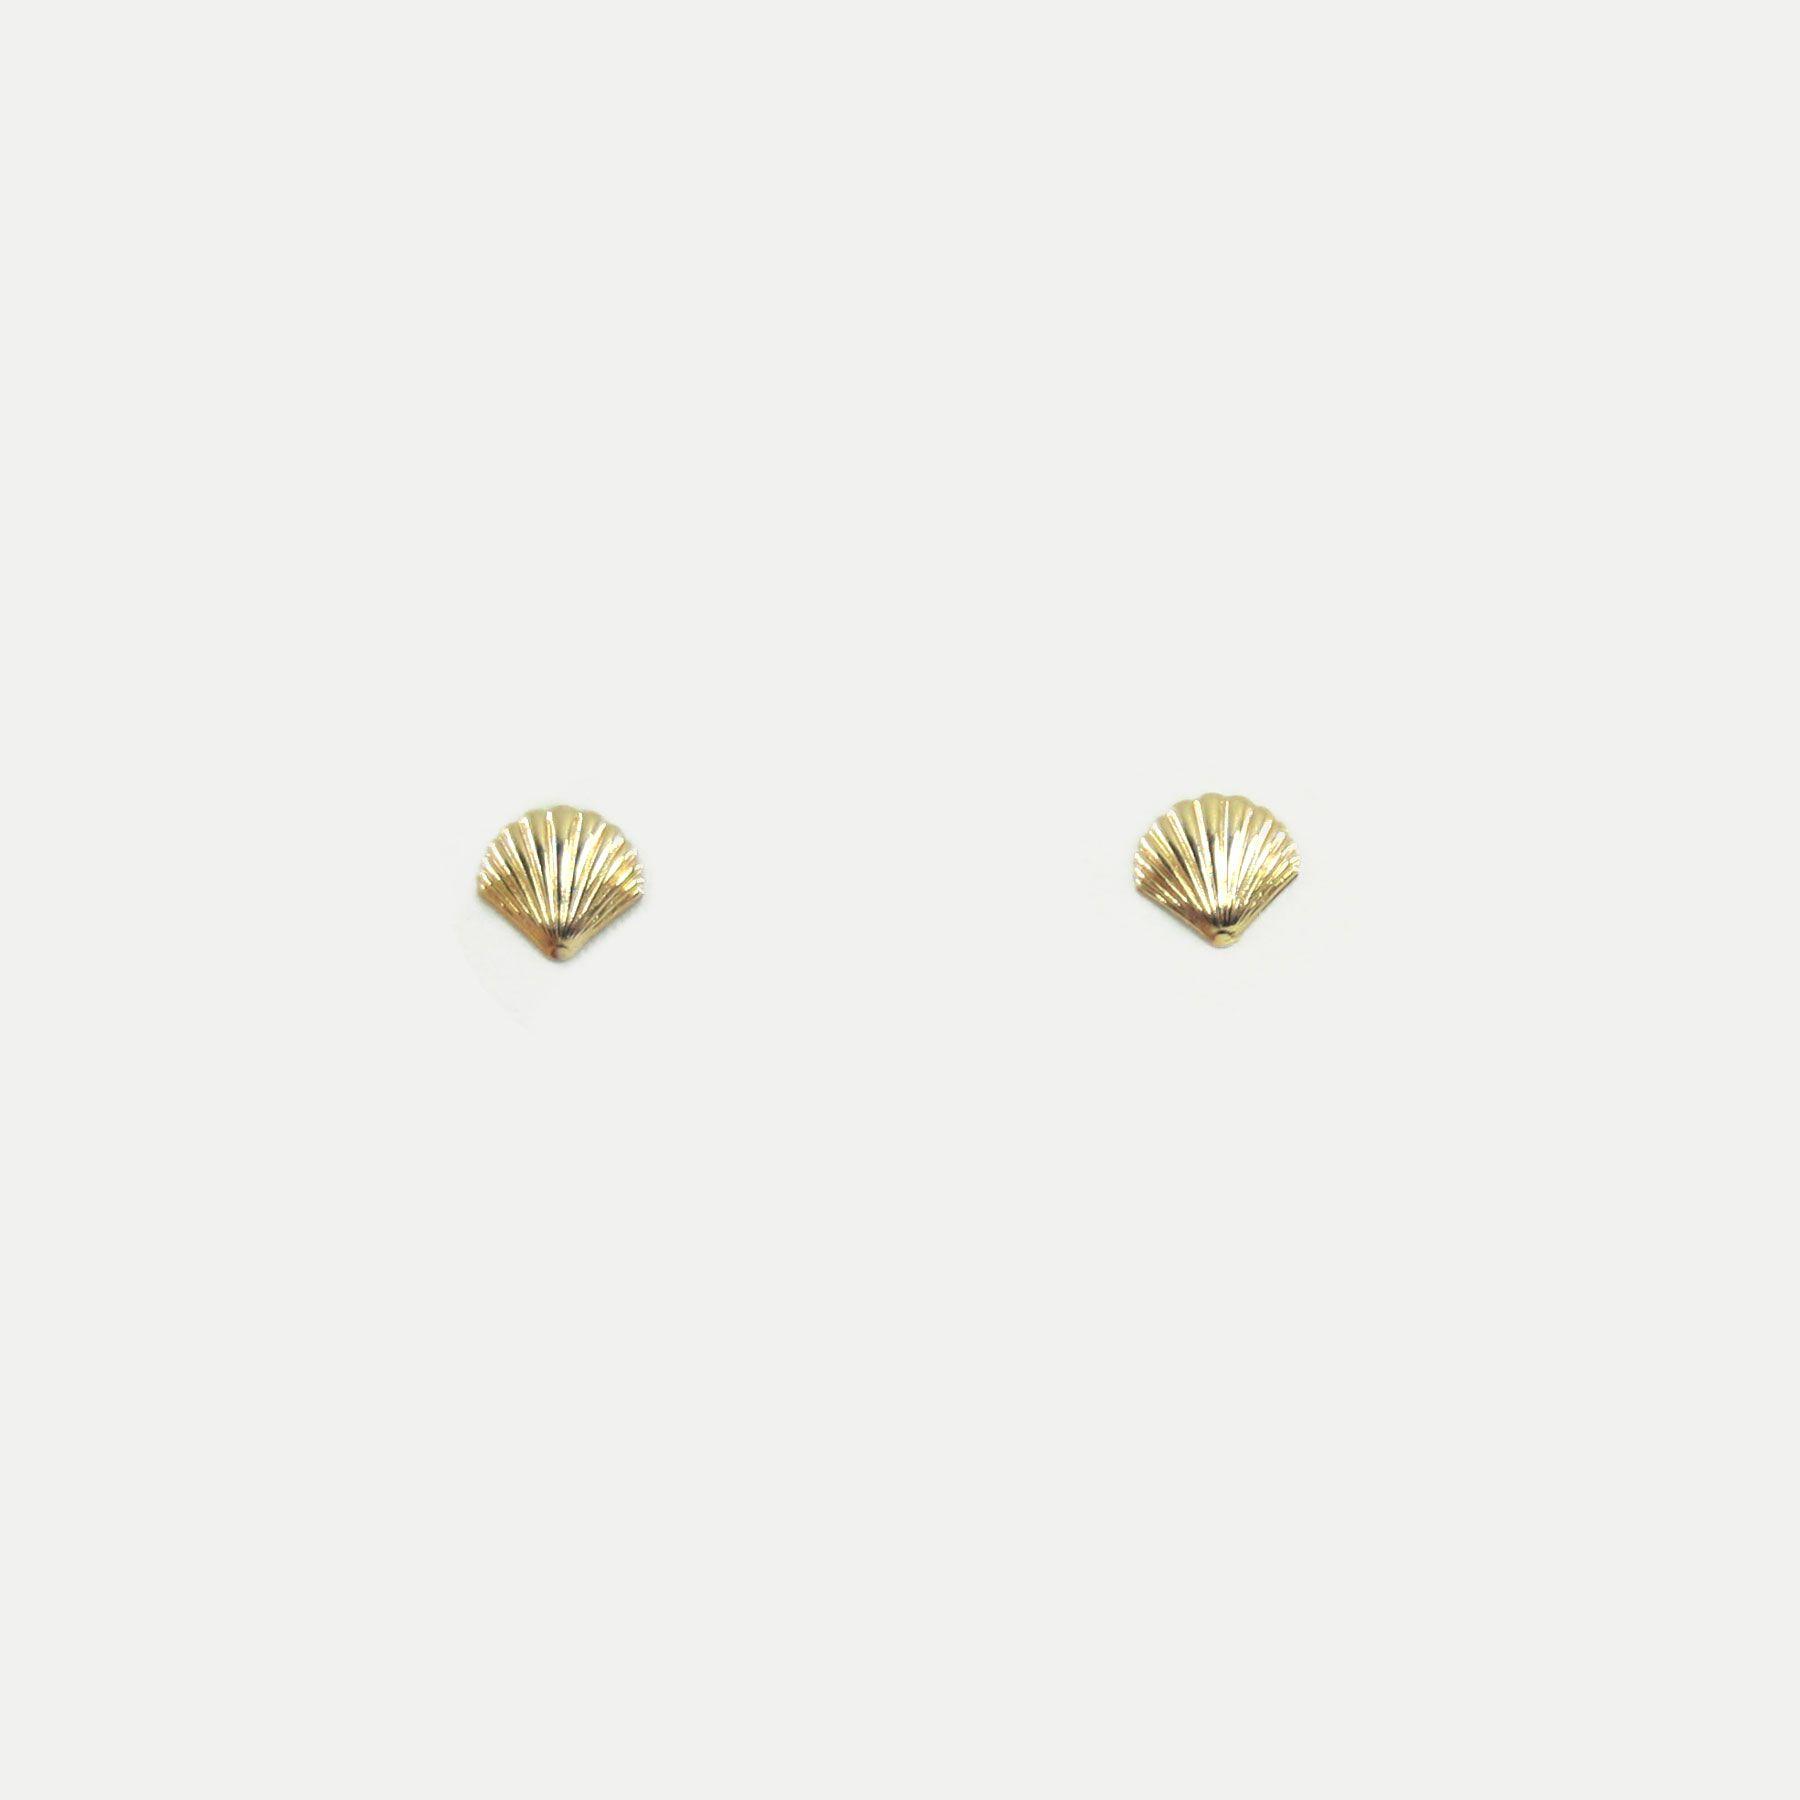 Brinquinho de Concha Banhado em Ouro 18k